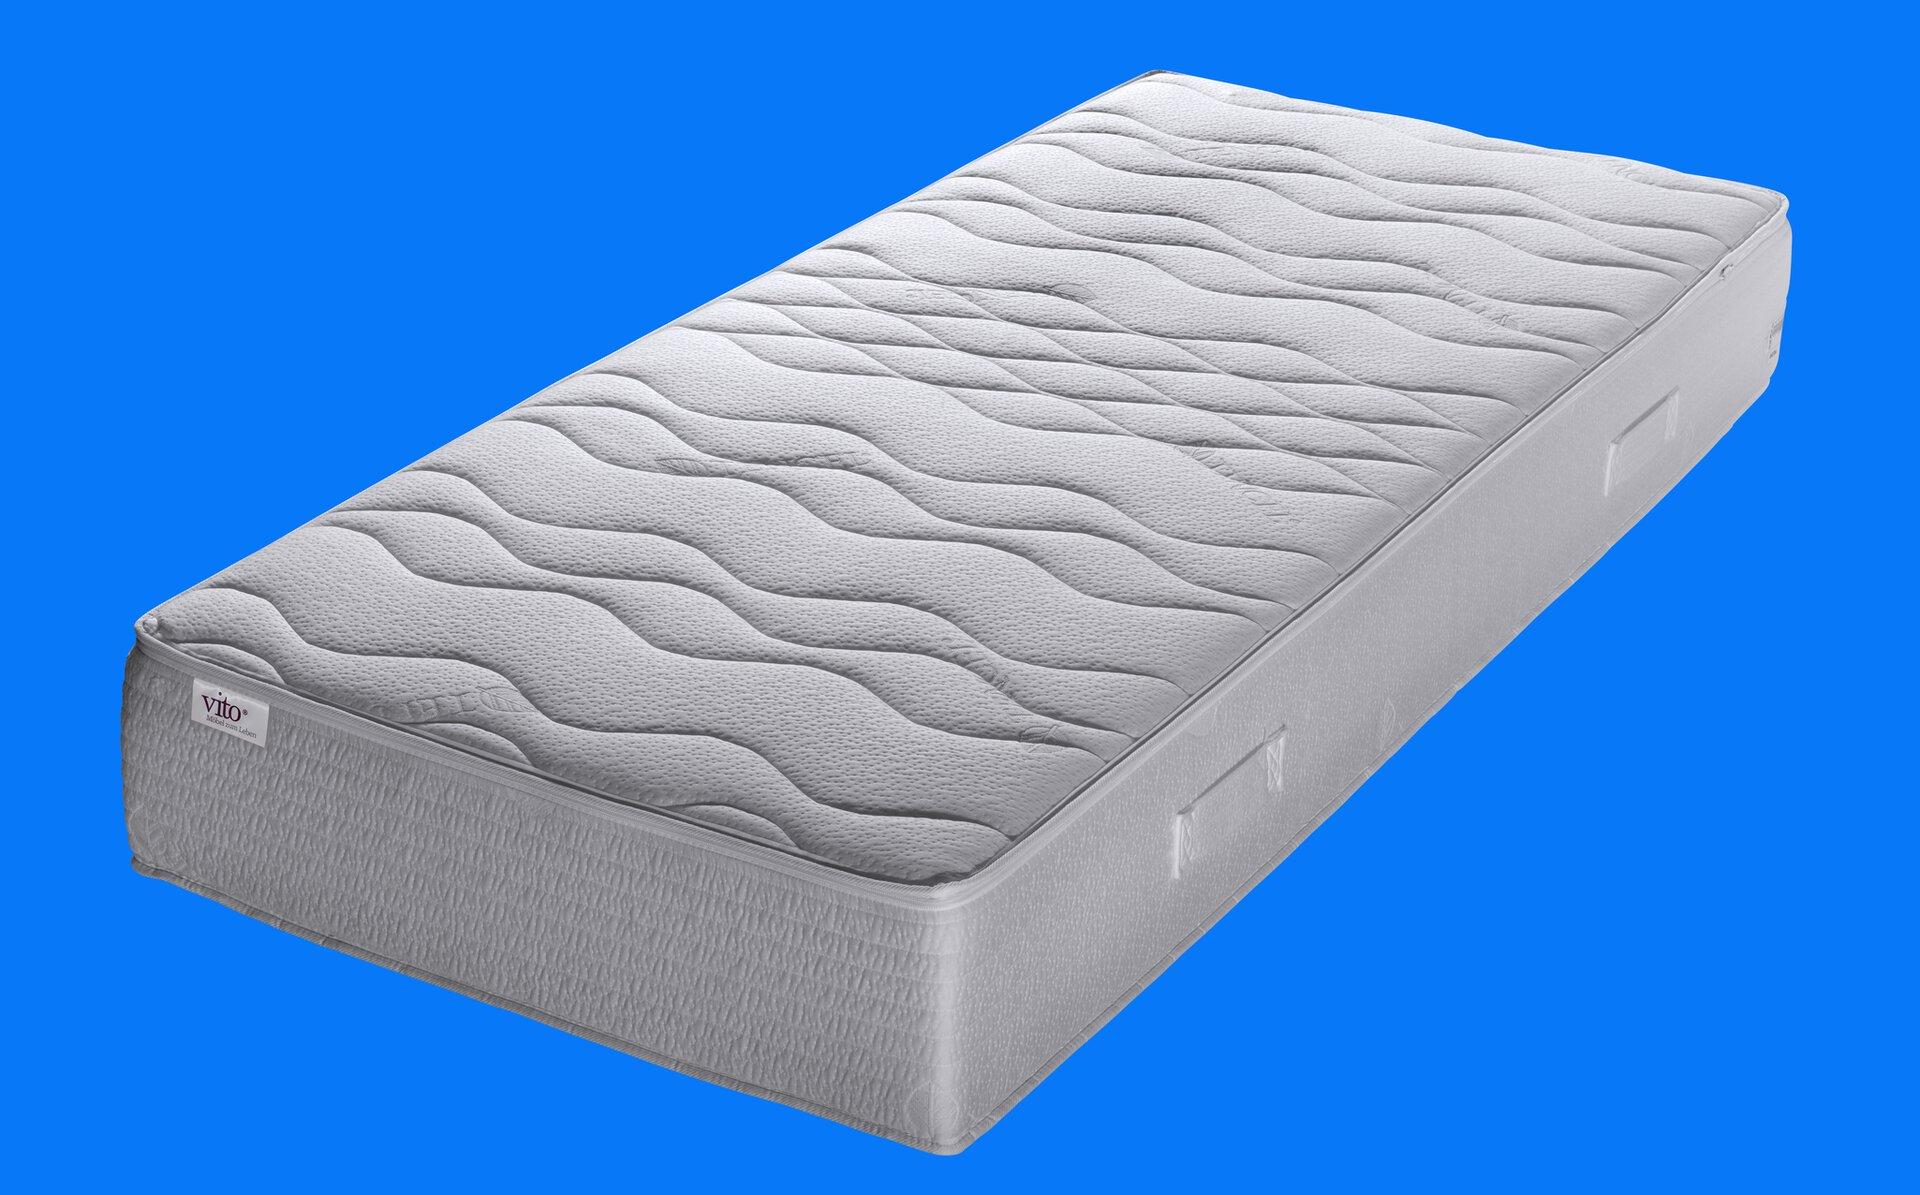 Taschenfederkernmatratze Sensio De Lux Vito Textil weiß 160 x 26 x 200 cm